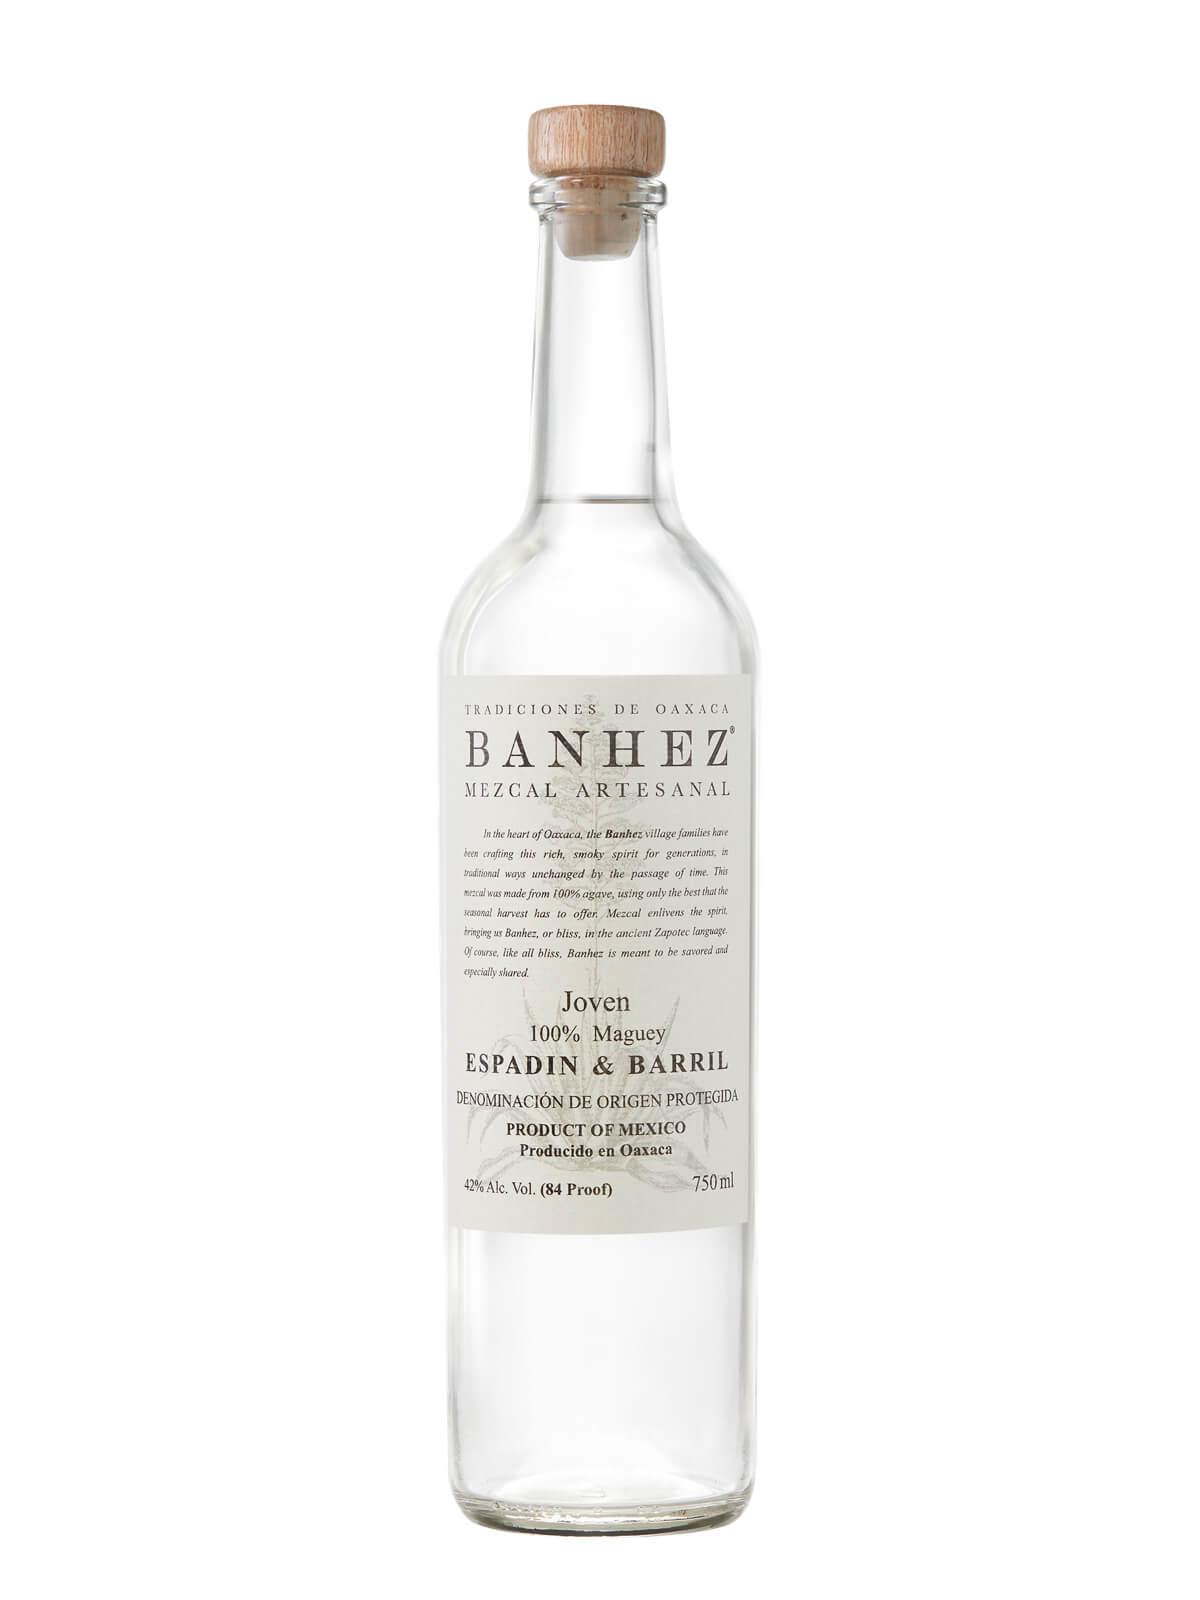 Banhez Mezcal Espadin & Barril bottle